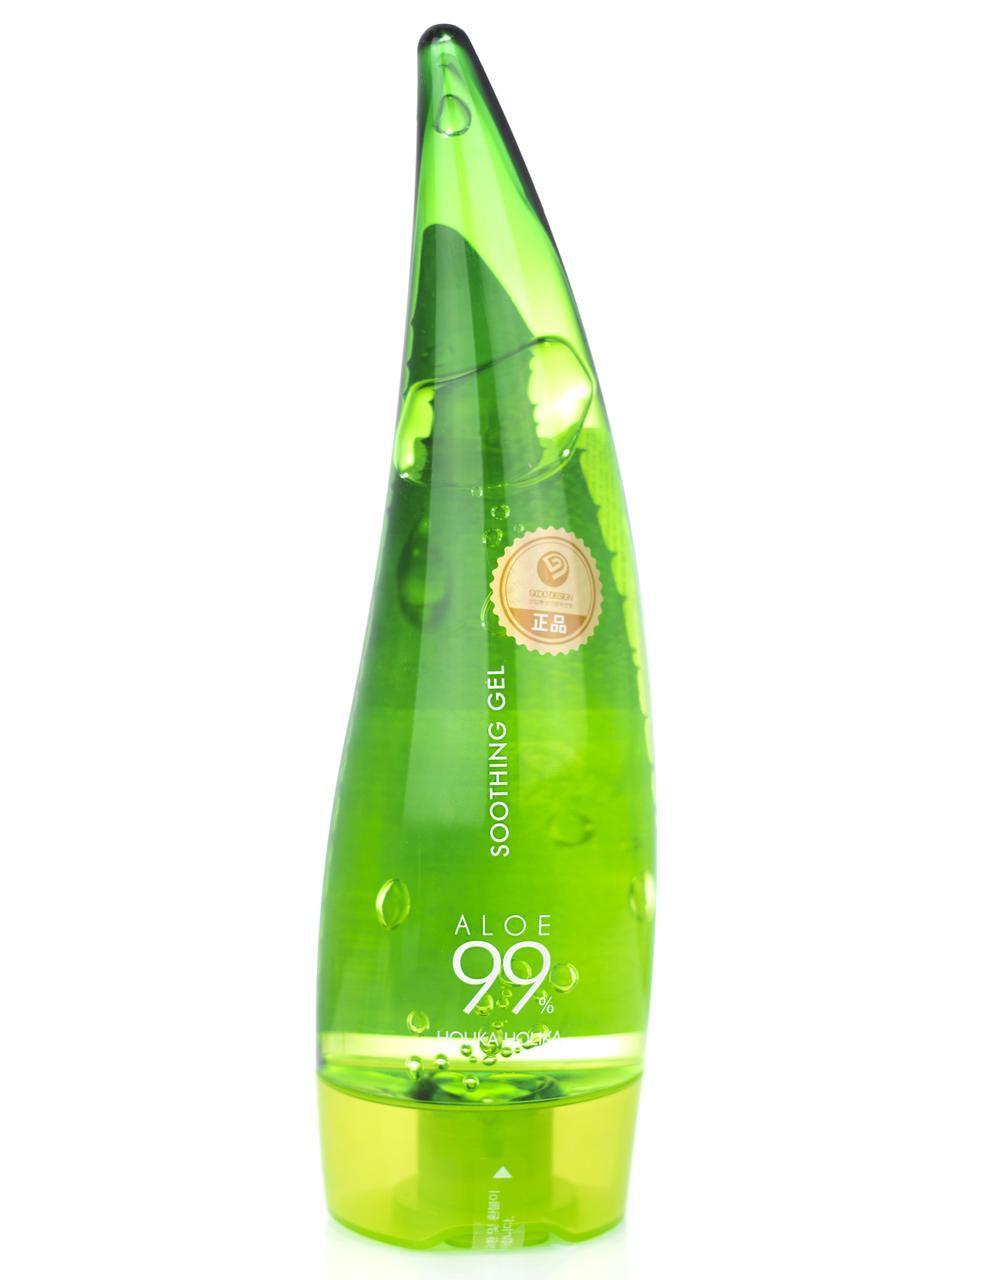 Успокаивающий и увлажняющий гель с алоэ Holika Holika Aloe 99% Soothing Gel (250мл)